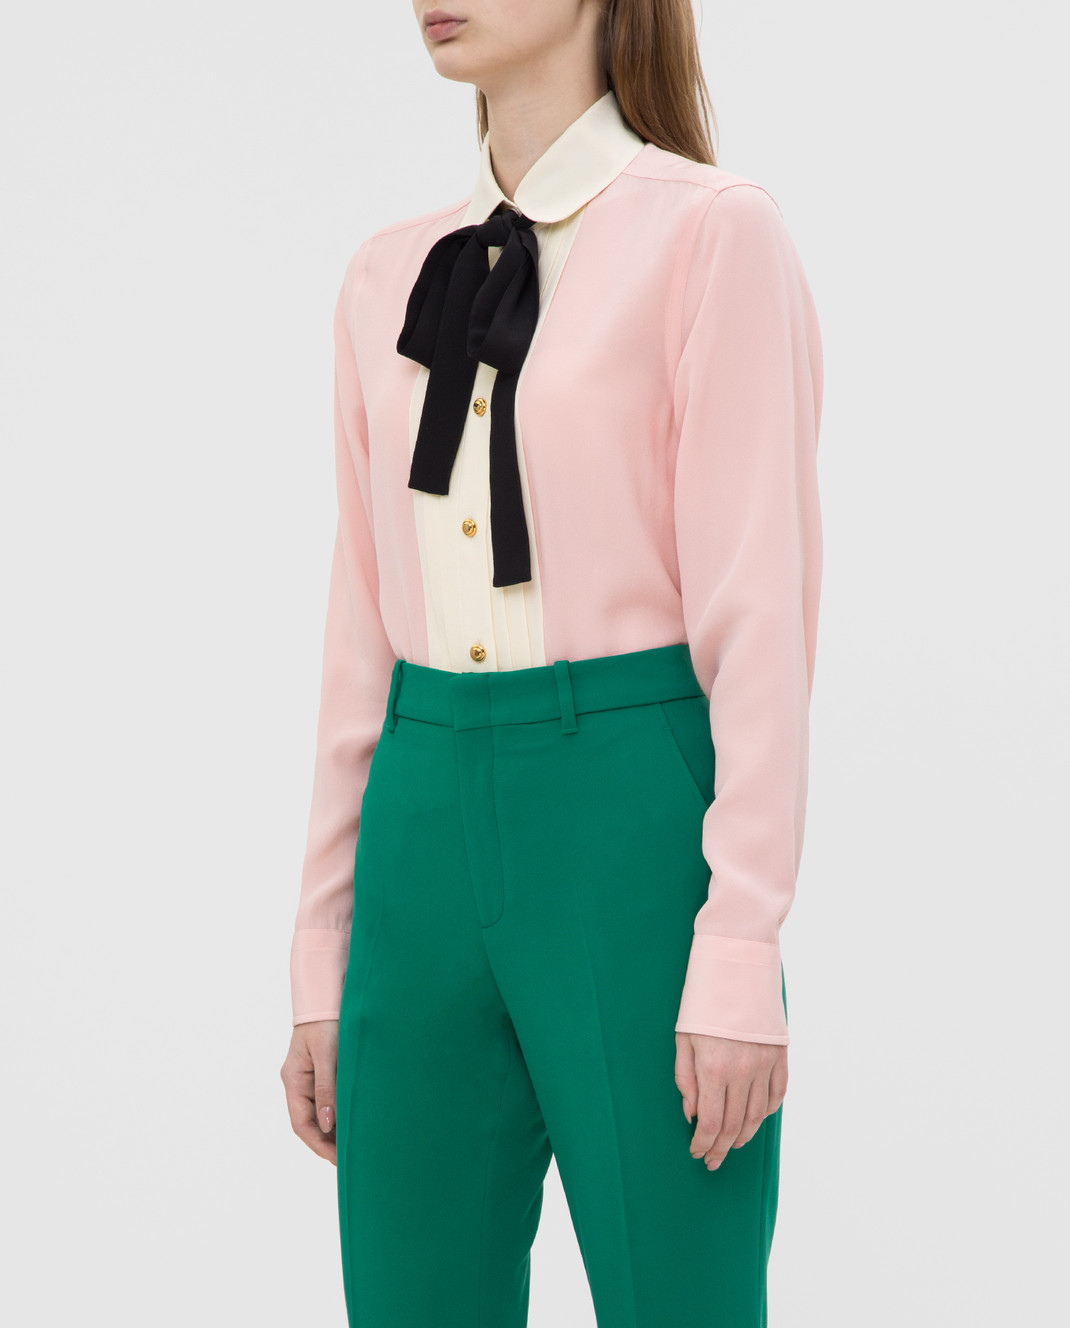 Gucci Розовая рубашка из шелка 544892 изображение 3